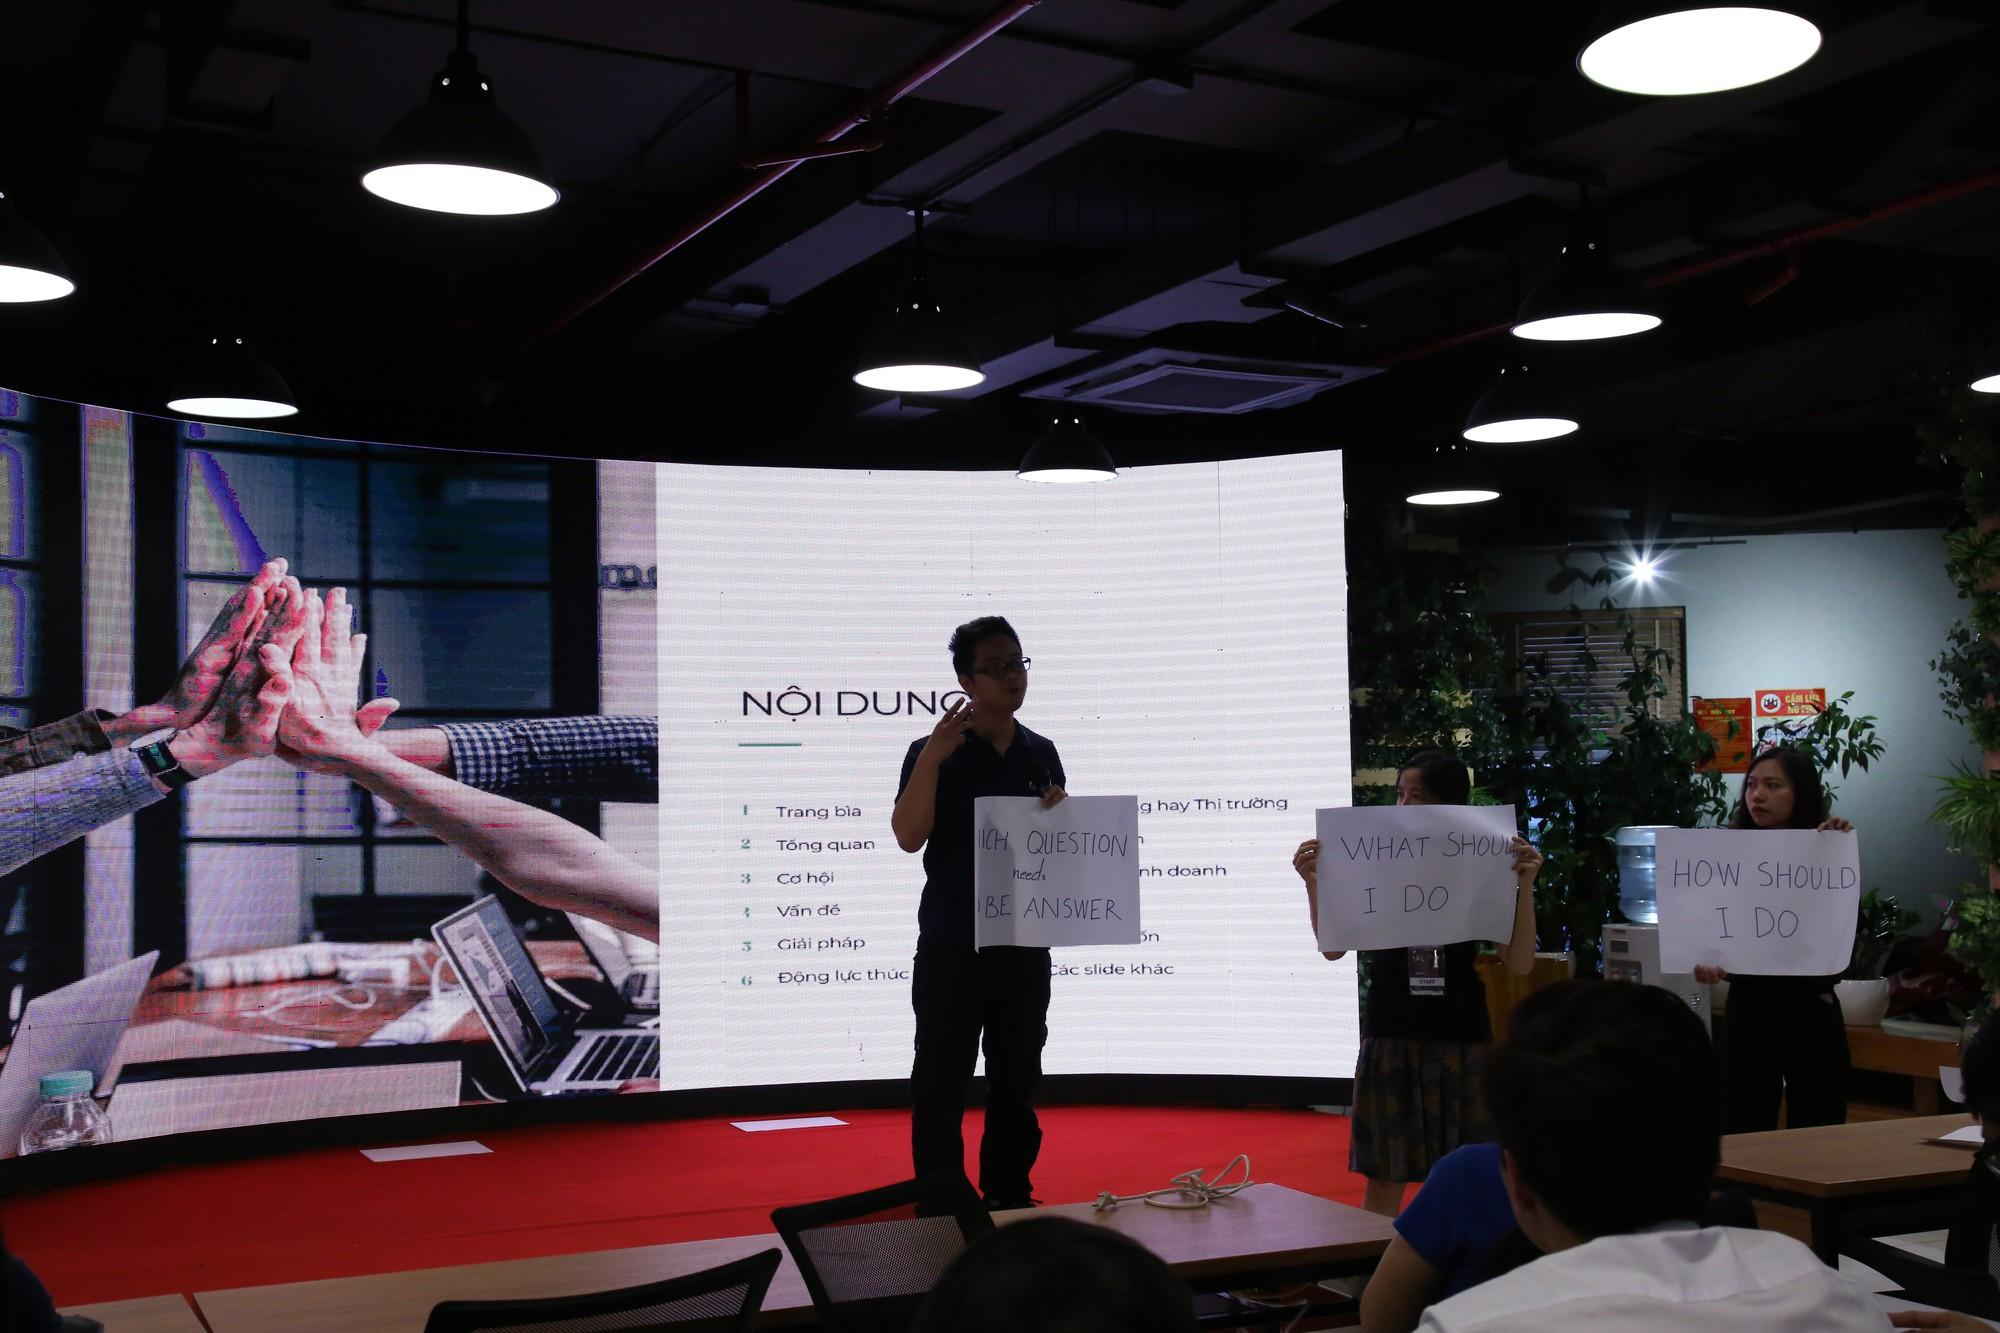 Hé lộ top 16 startup lọt vào vòng 2 chương trình gọi vốn quốc gia SFC 2018 - Ảnh 3.